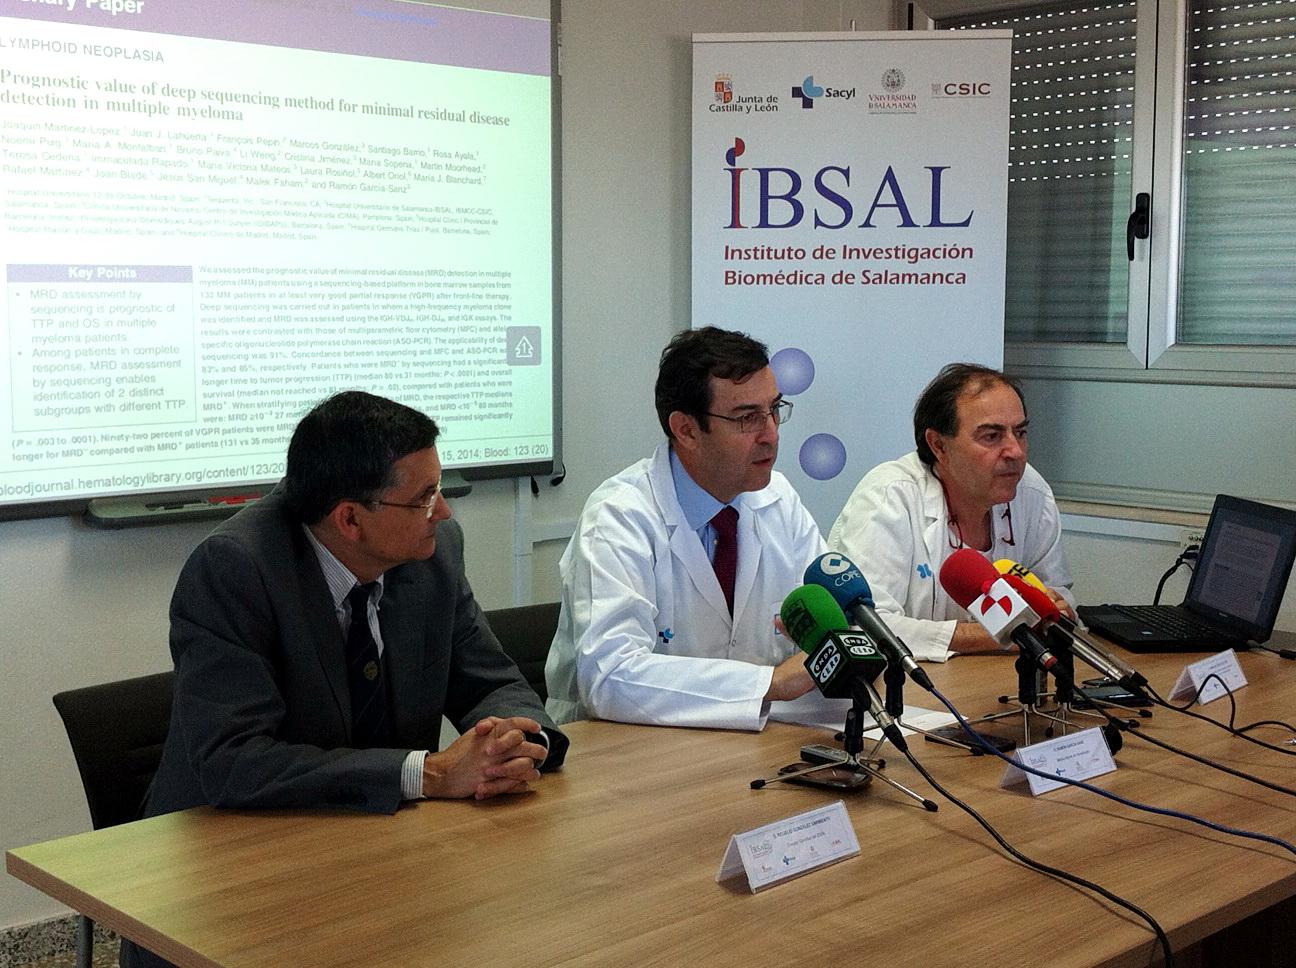 Investigadores del Instituto de Investigación Biomédica de Salamanca desarrollan una nueva tecnología que permite prever recaídas en pacientes con mieloma múltiple